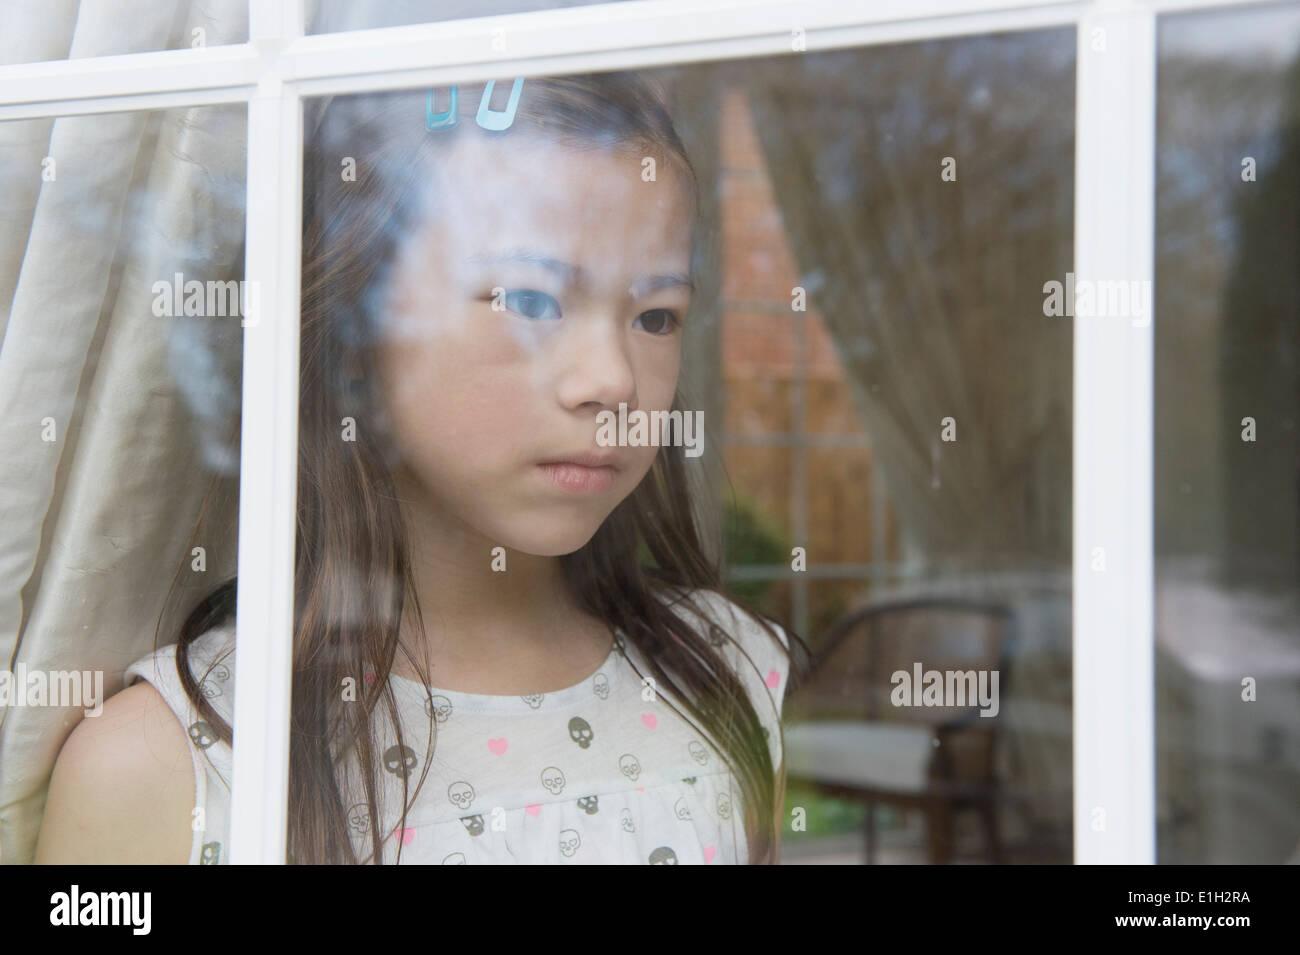 Malheureux jeune fille à la fenêtre de salon Photo Stock